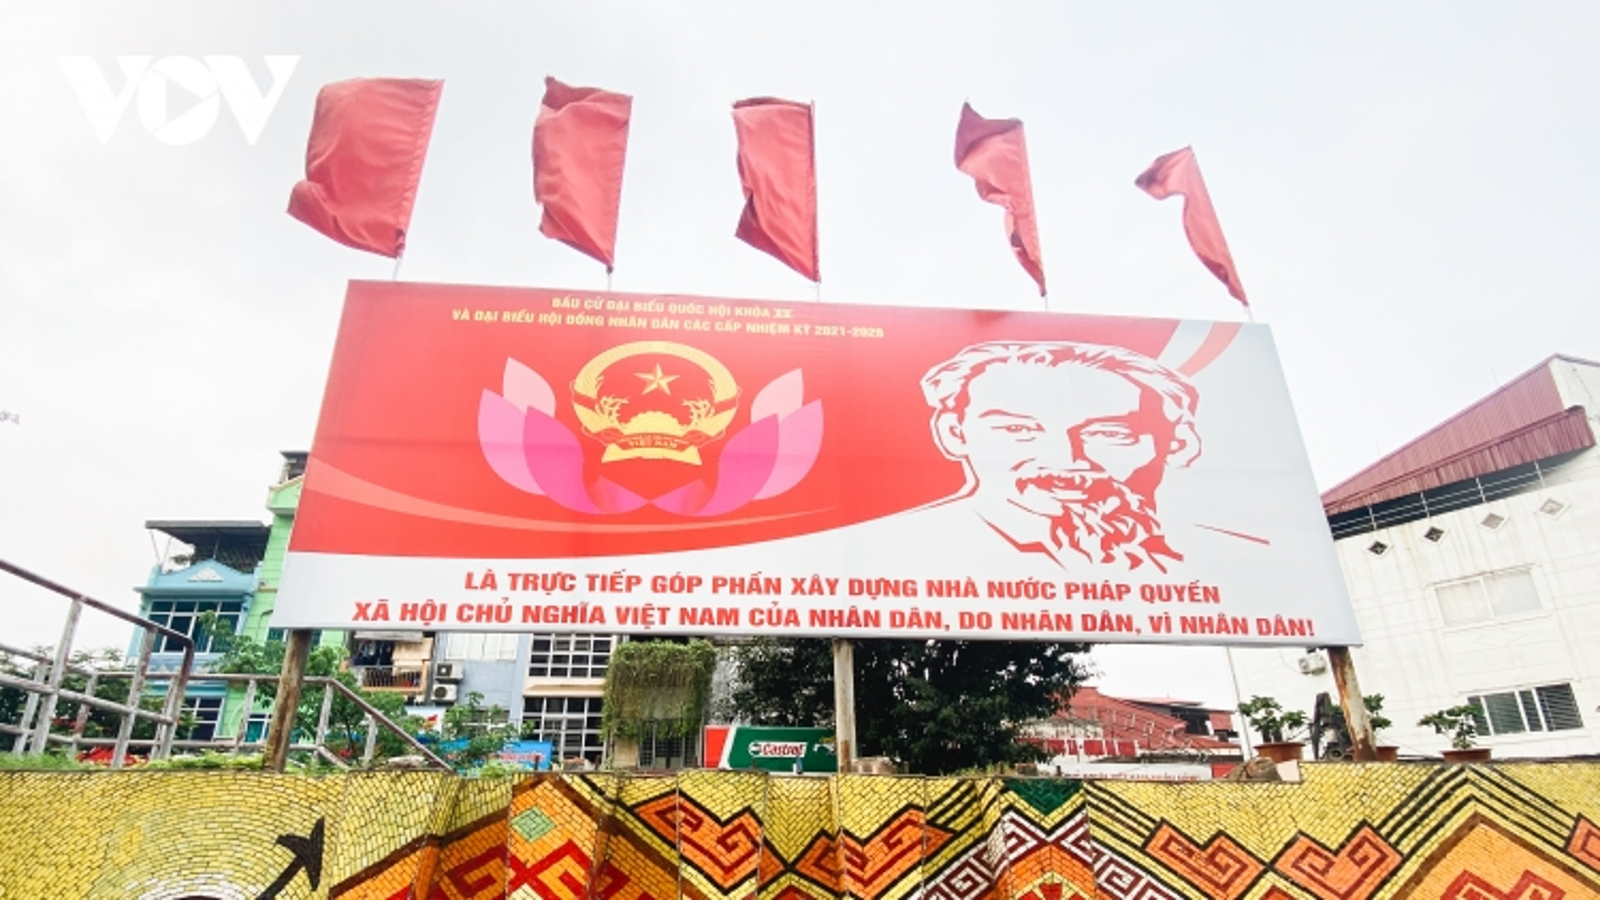 Hà Nội ngập tràn sắc đỏ của pano, áp phích cổ động ngày bầu cử